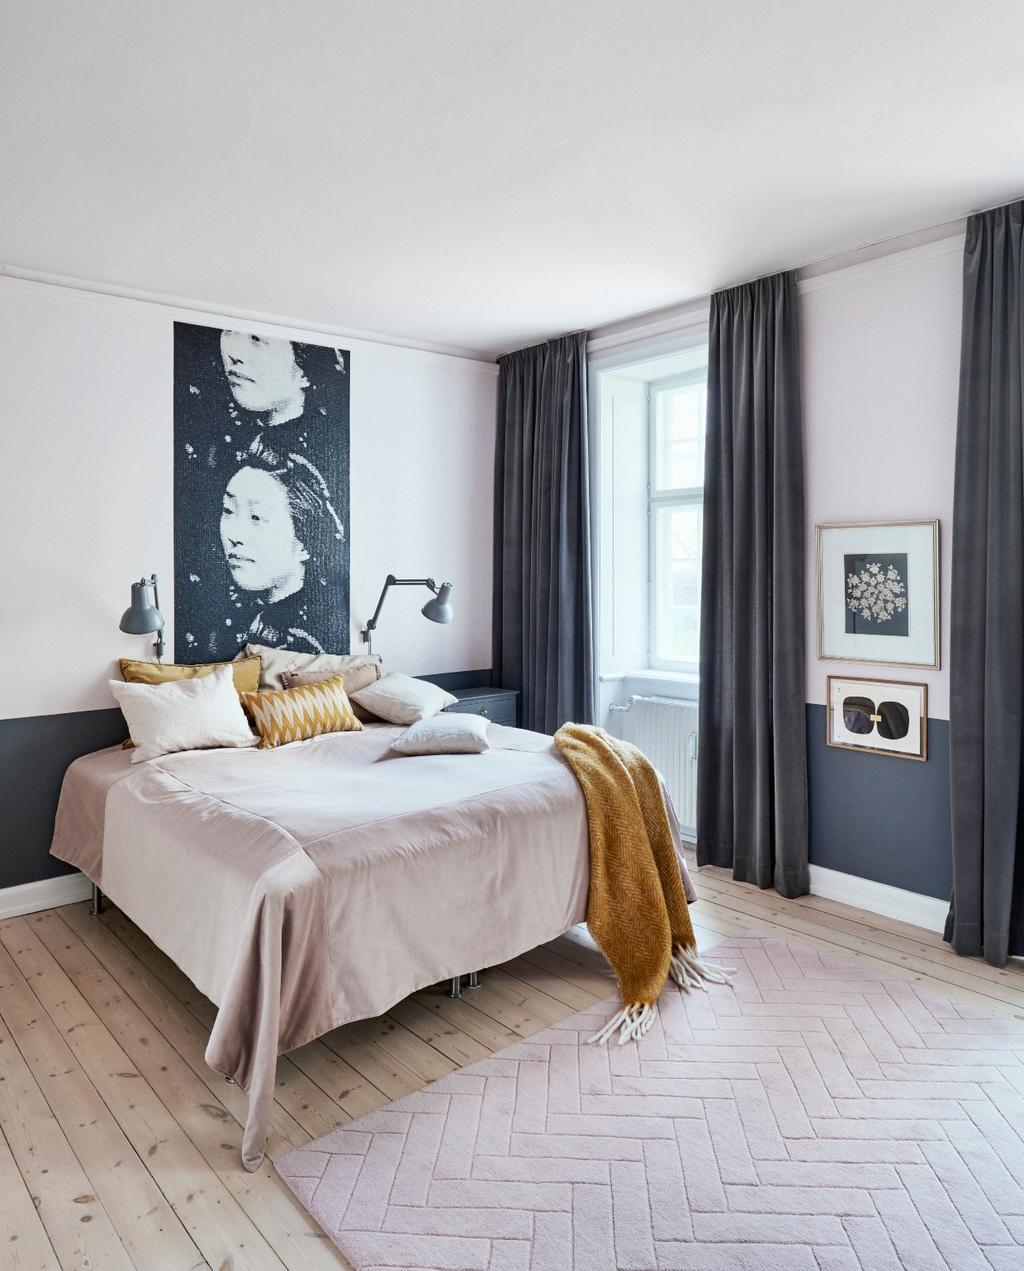 vtwonen 06-2020 | Appartement Kopenhagen slaapamer